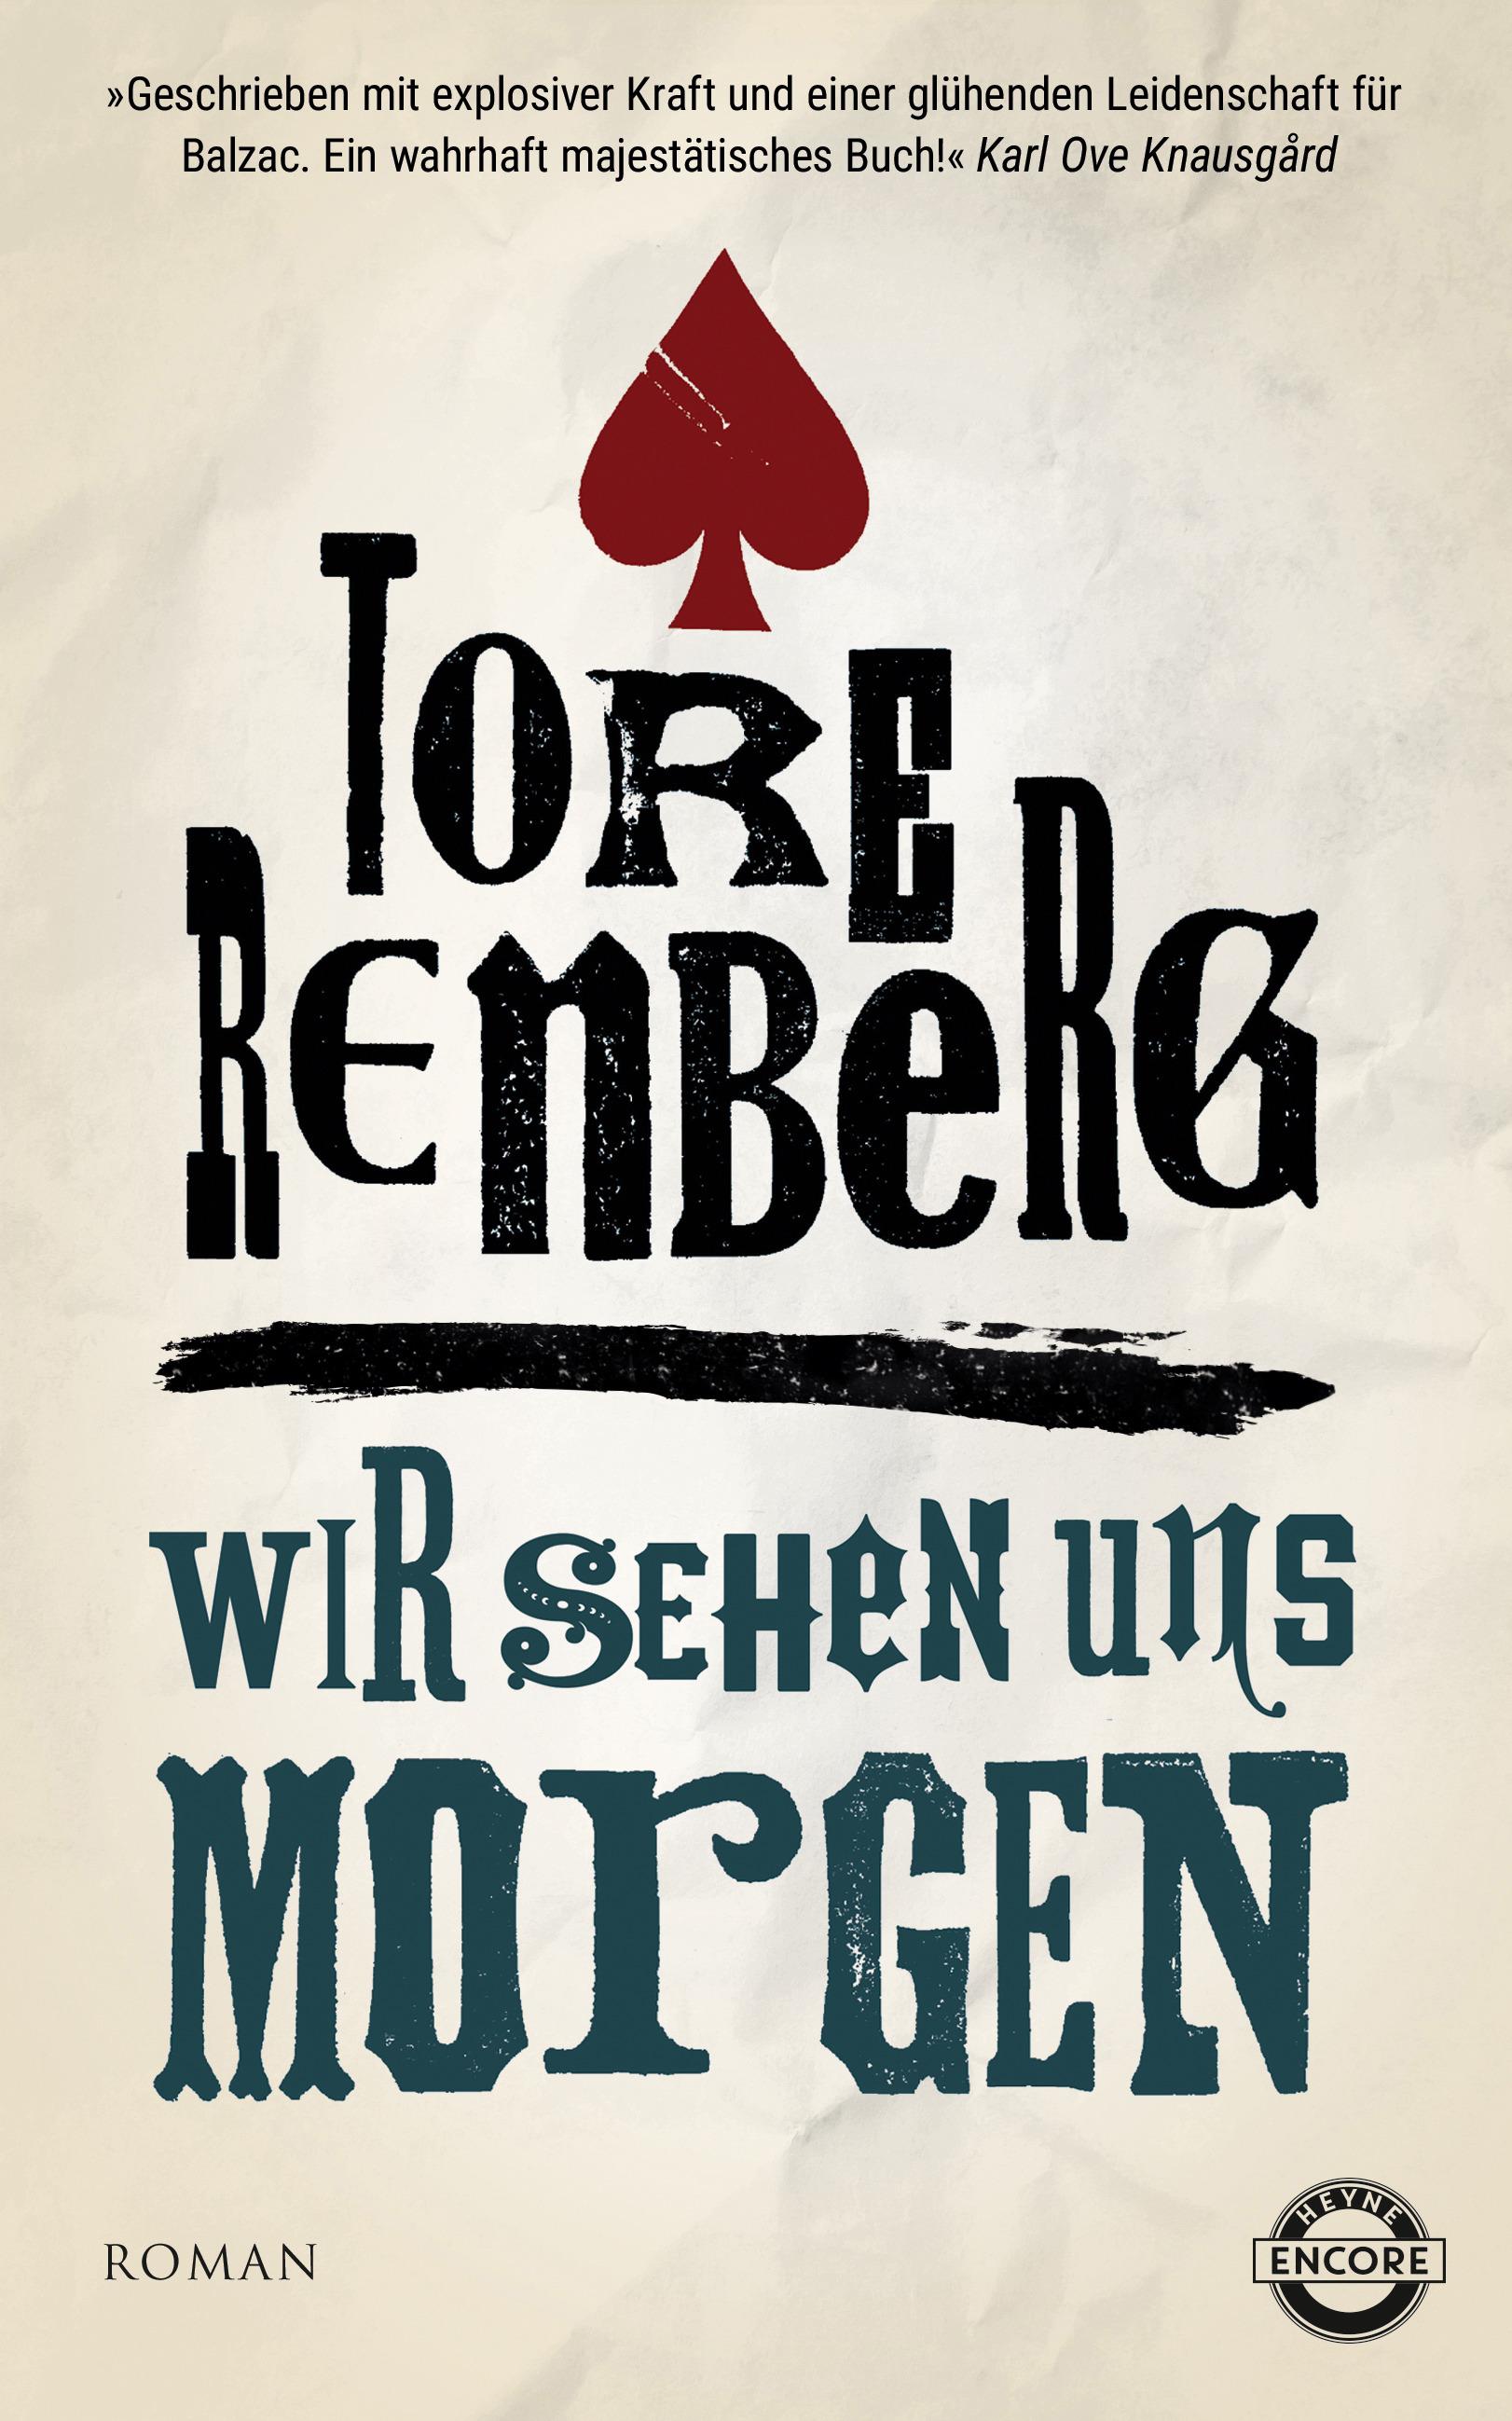 Renberg, Wir sehen uns morgen.jpg